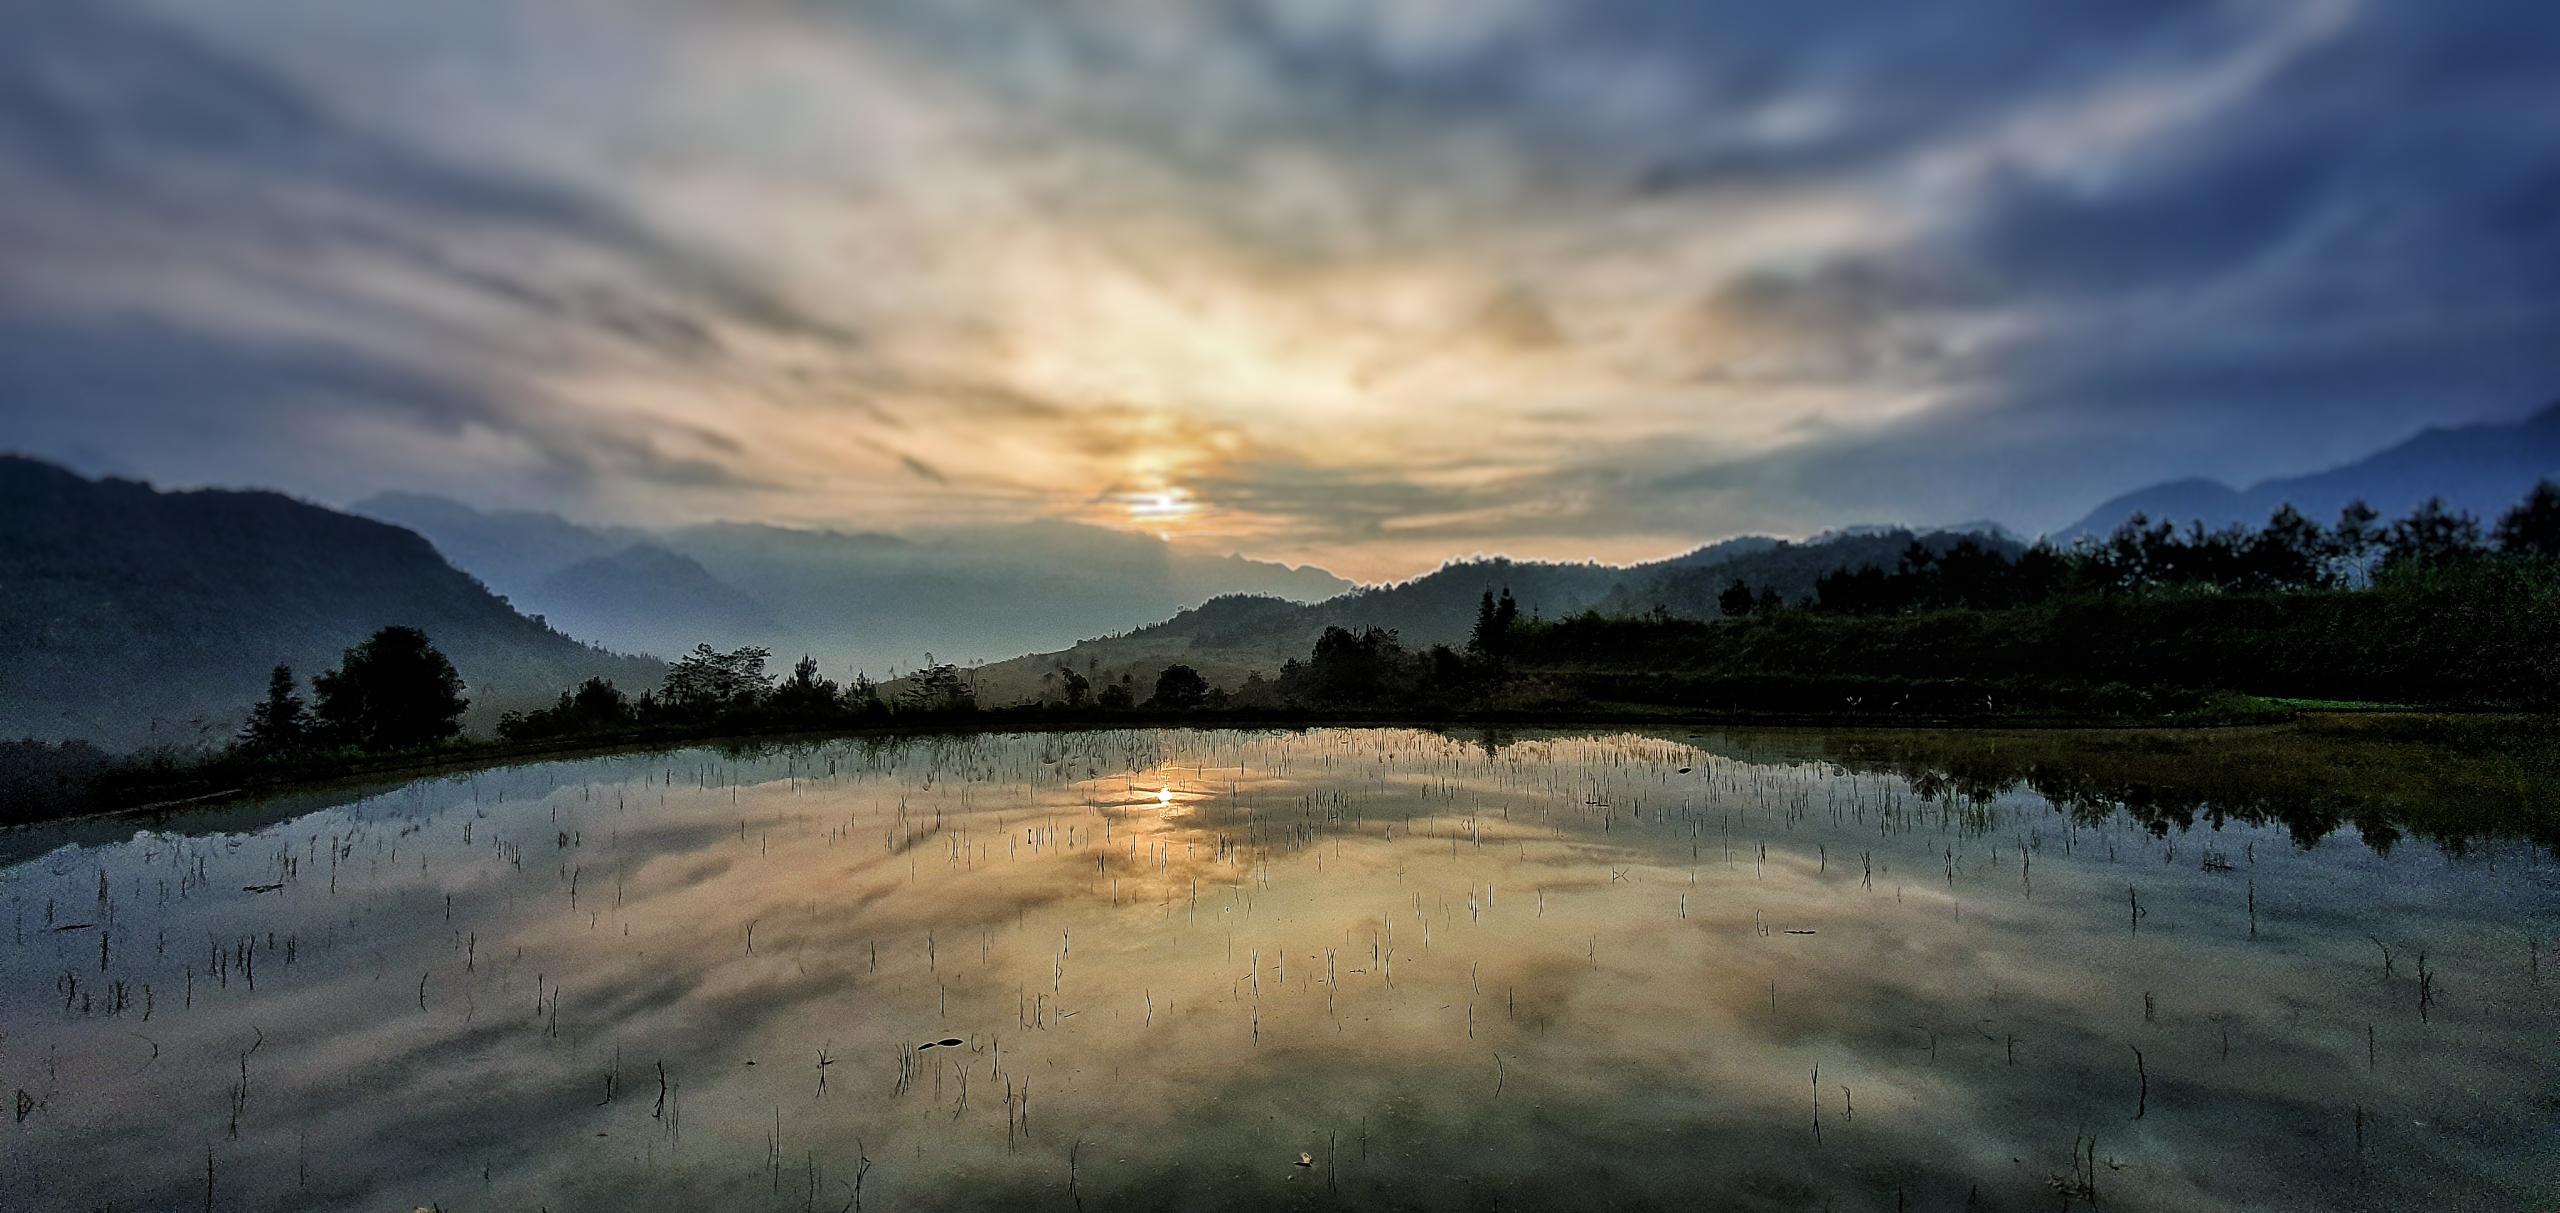 sunset landscape over hills